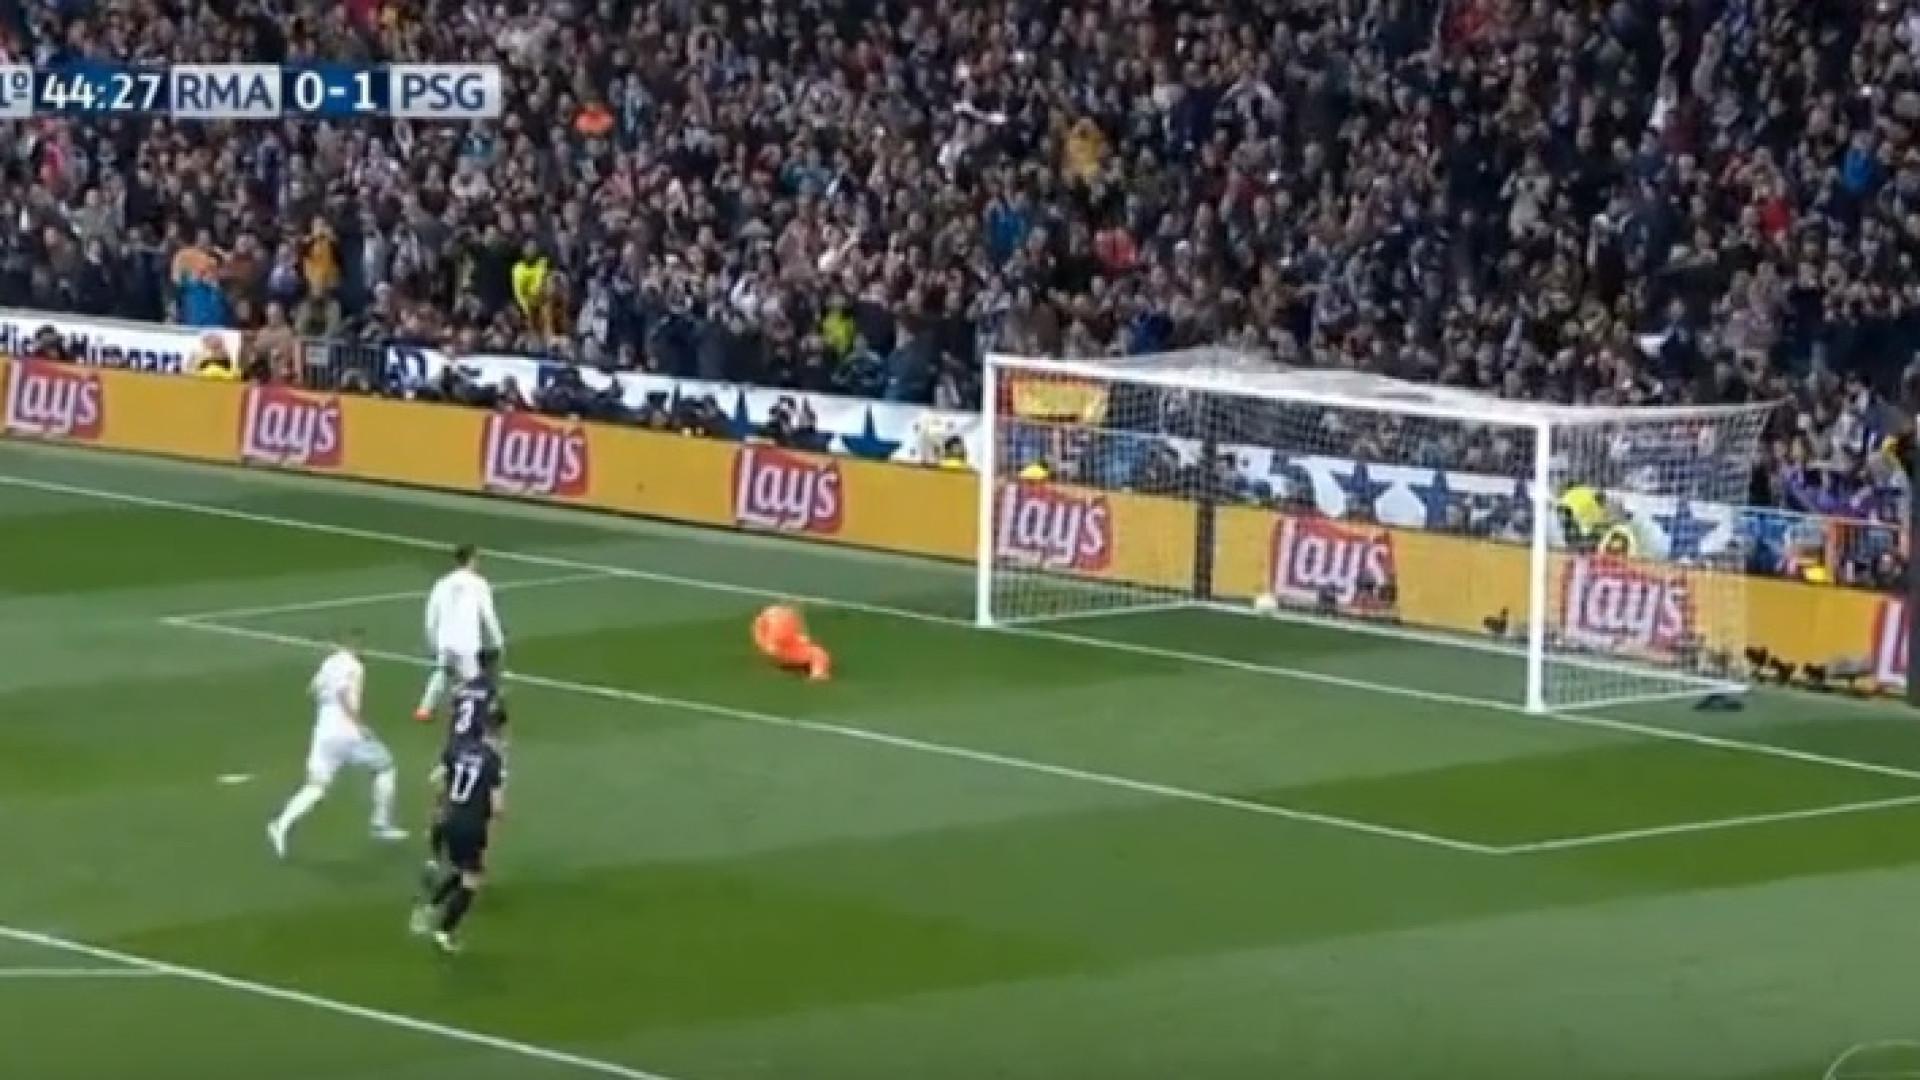 Grande penalidade para Cristiano Ronaldo e o resultado foi este...